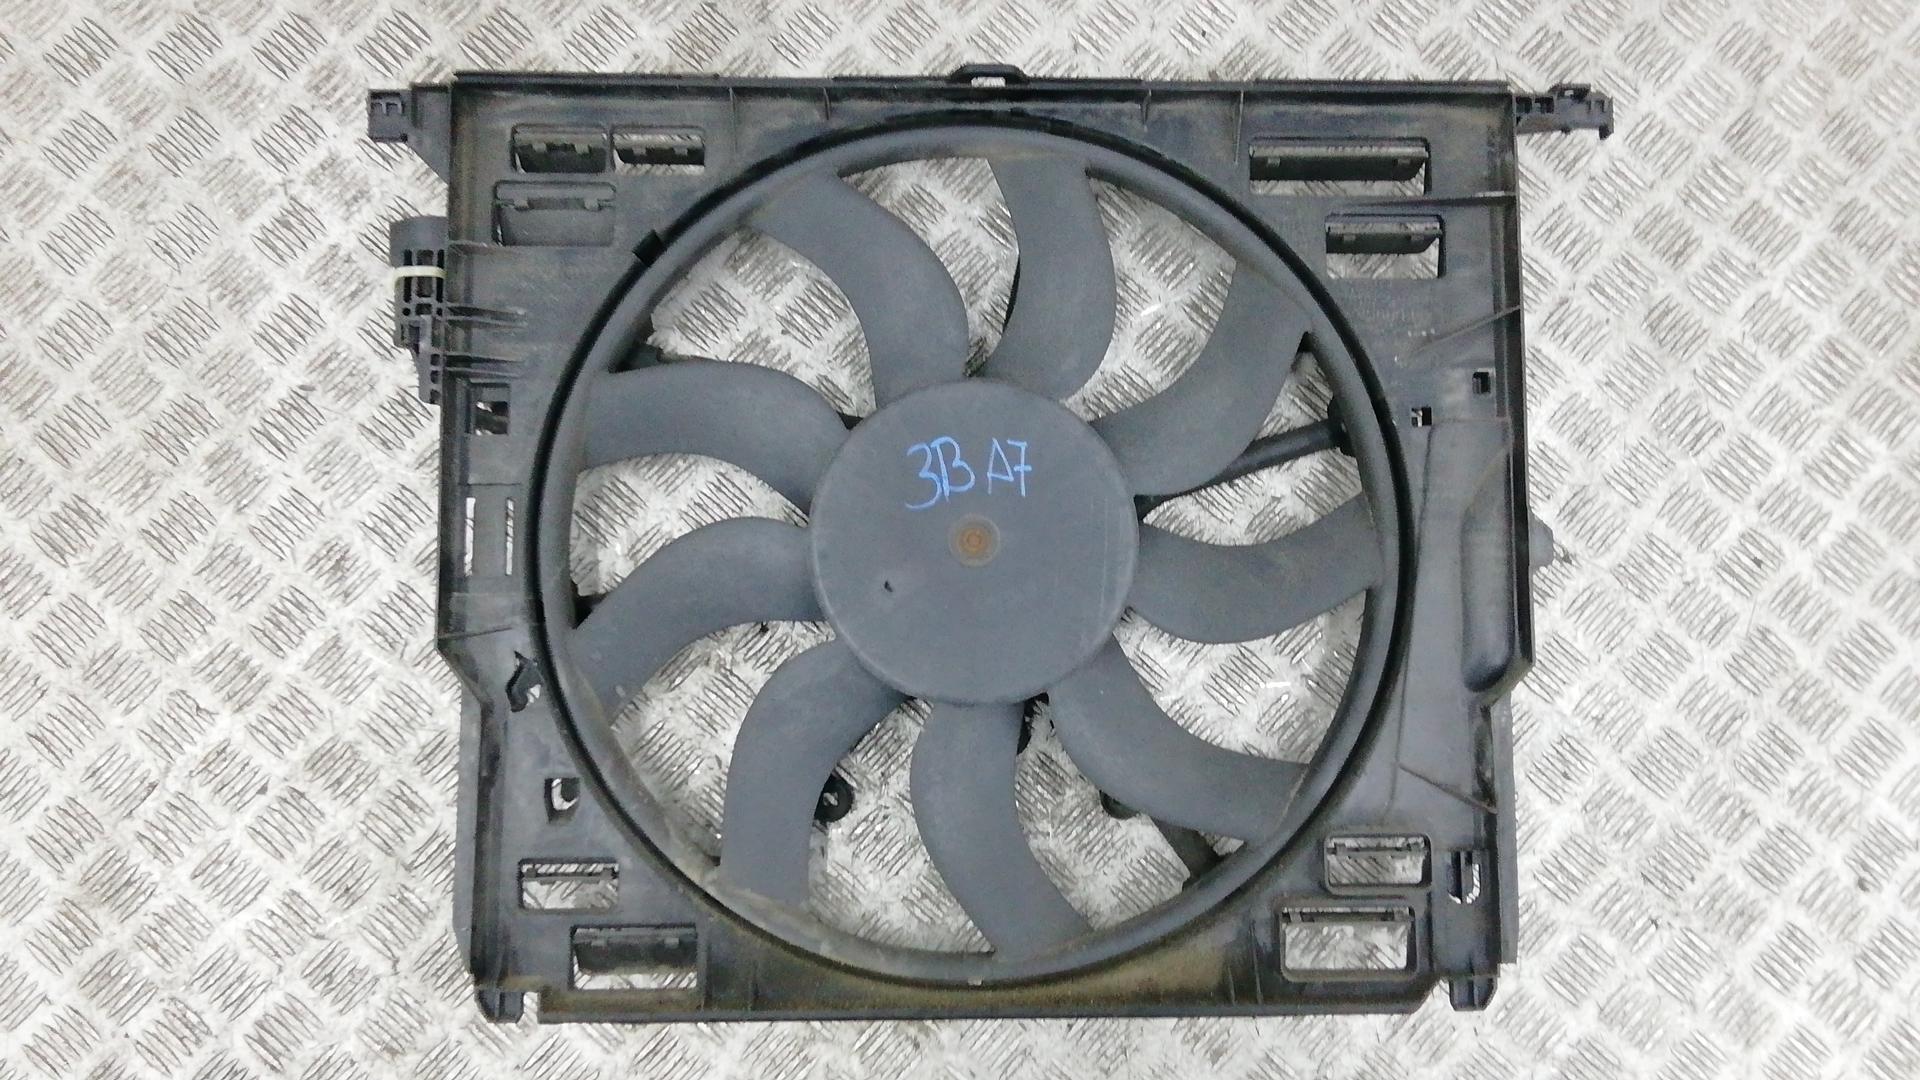 Вентилятор радиатора, BMW, 5 F10/F11, 2010